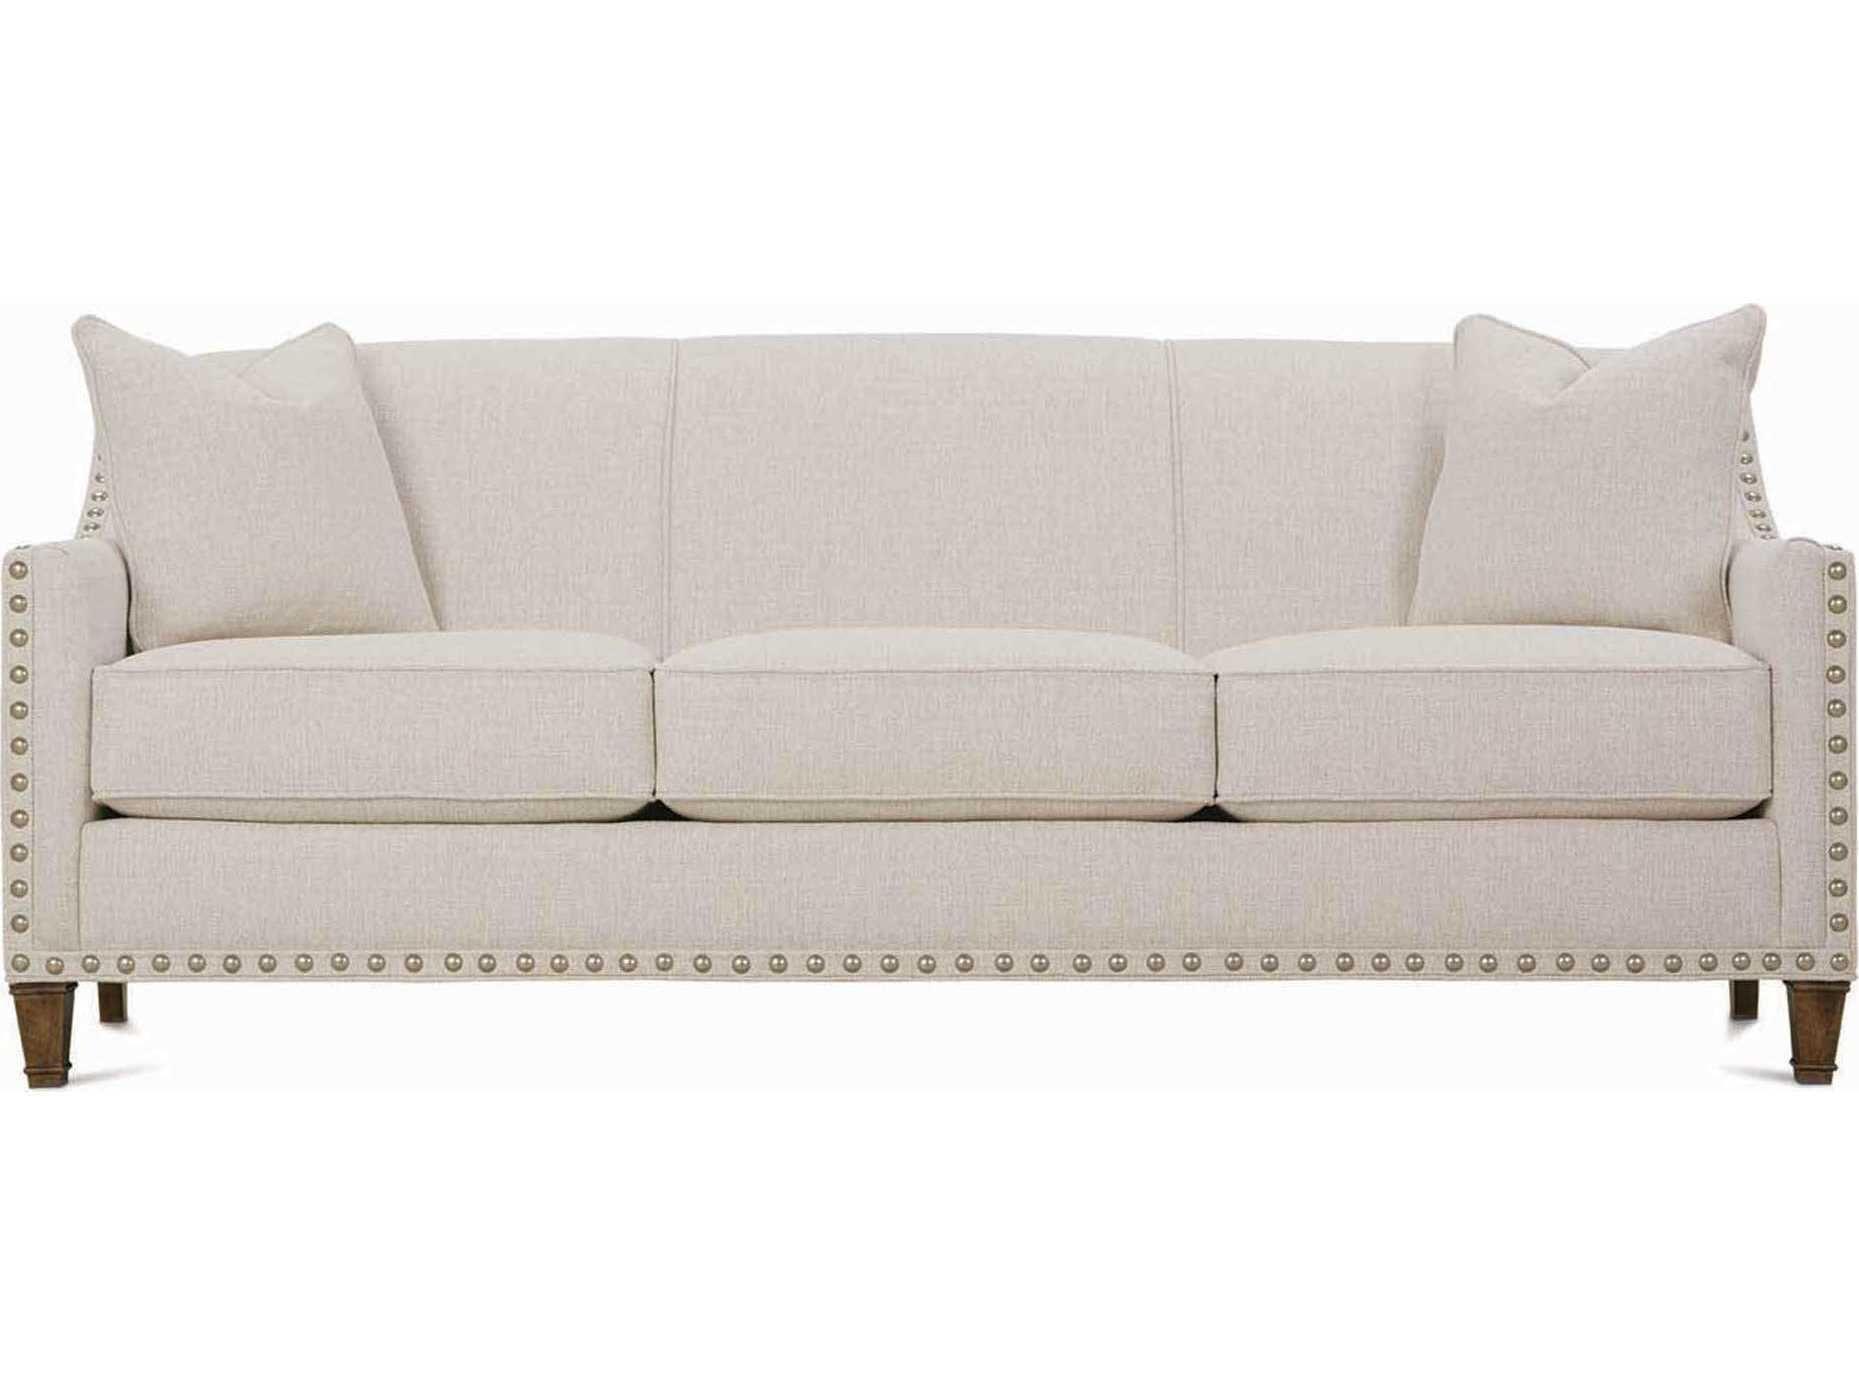 Rowe Furniture Rockford Queen Sleeper Sofa Fabric